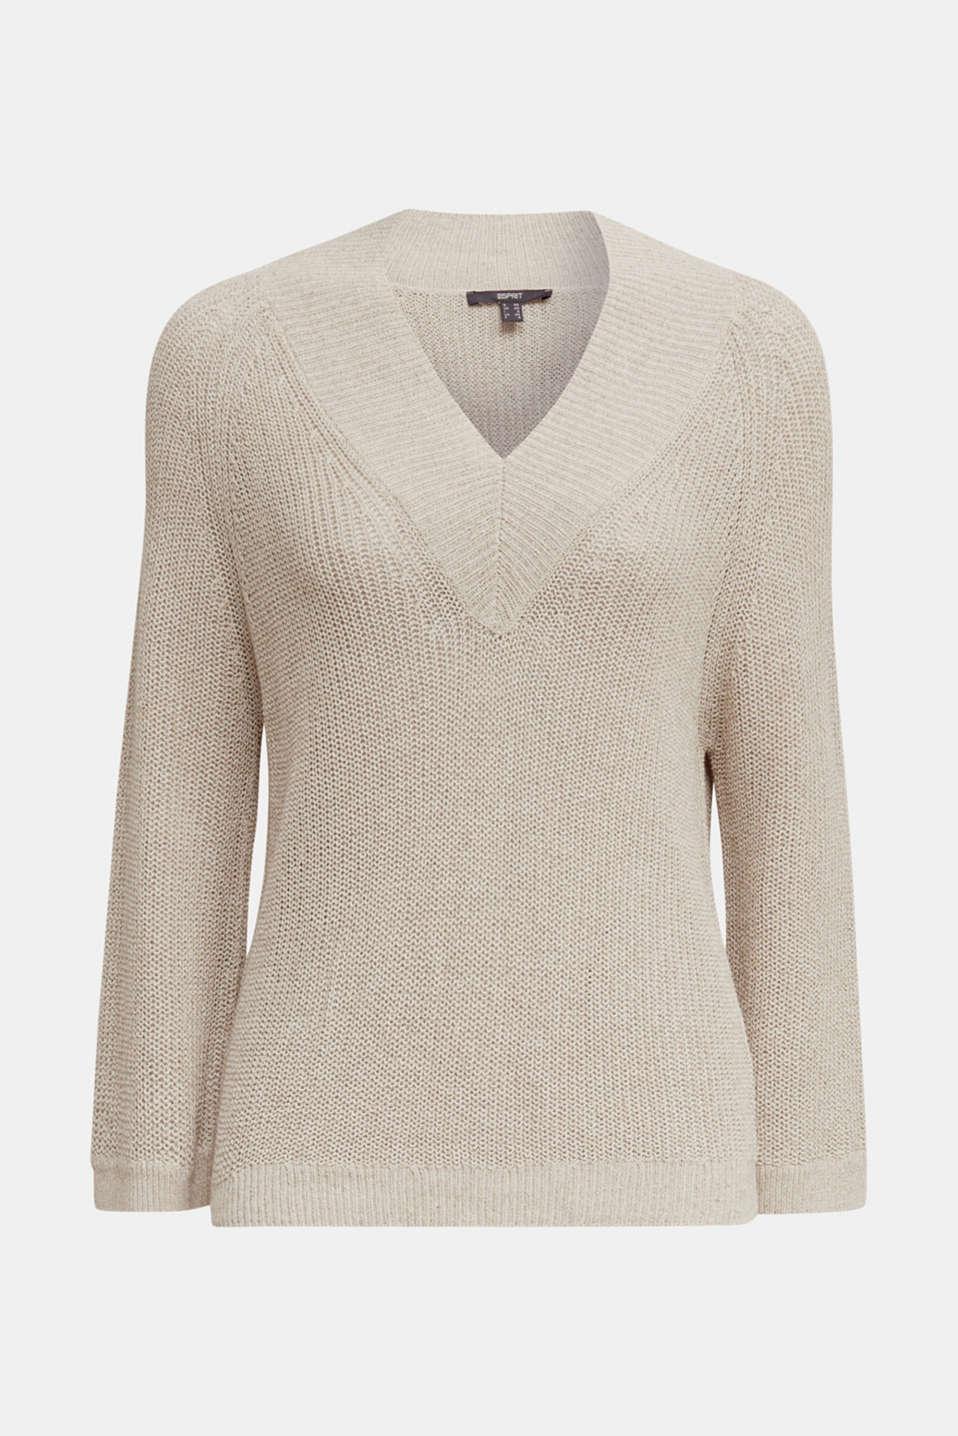 Delicate V-neck jumper with lace, BEIGE 5, detail image number 6